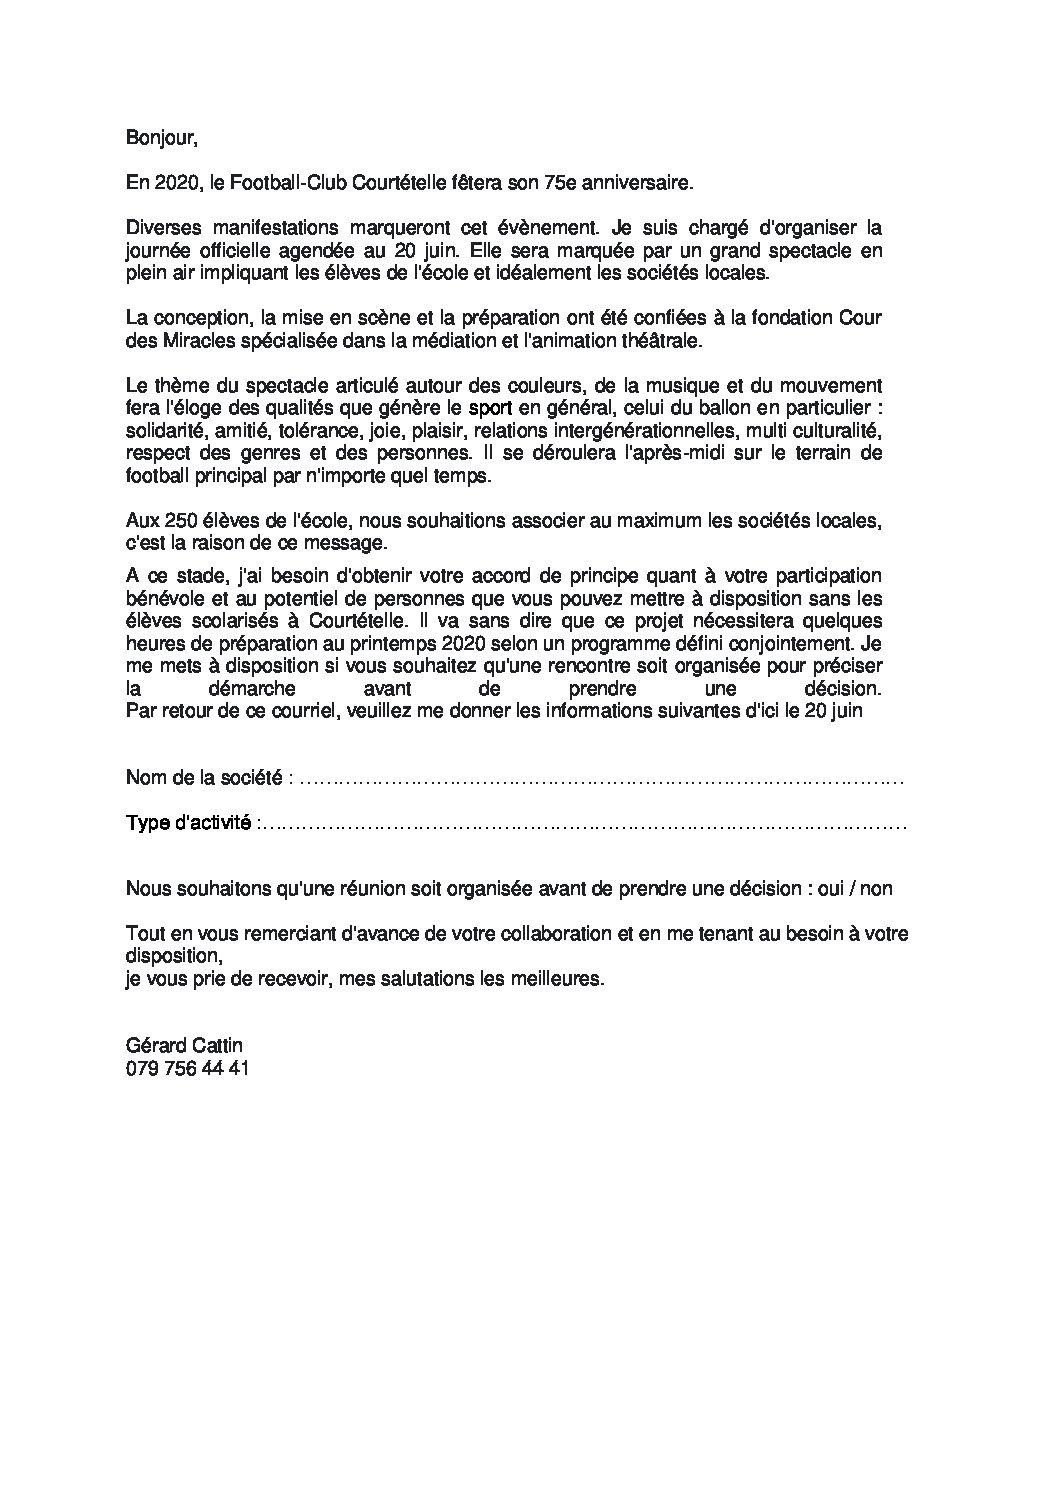 Message pour les sociétés locales concernant le 75 ème du FCC